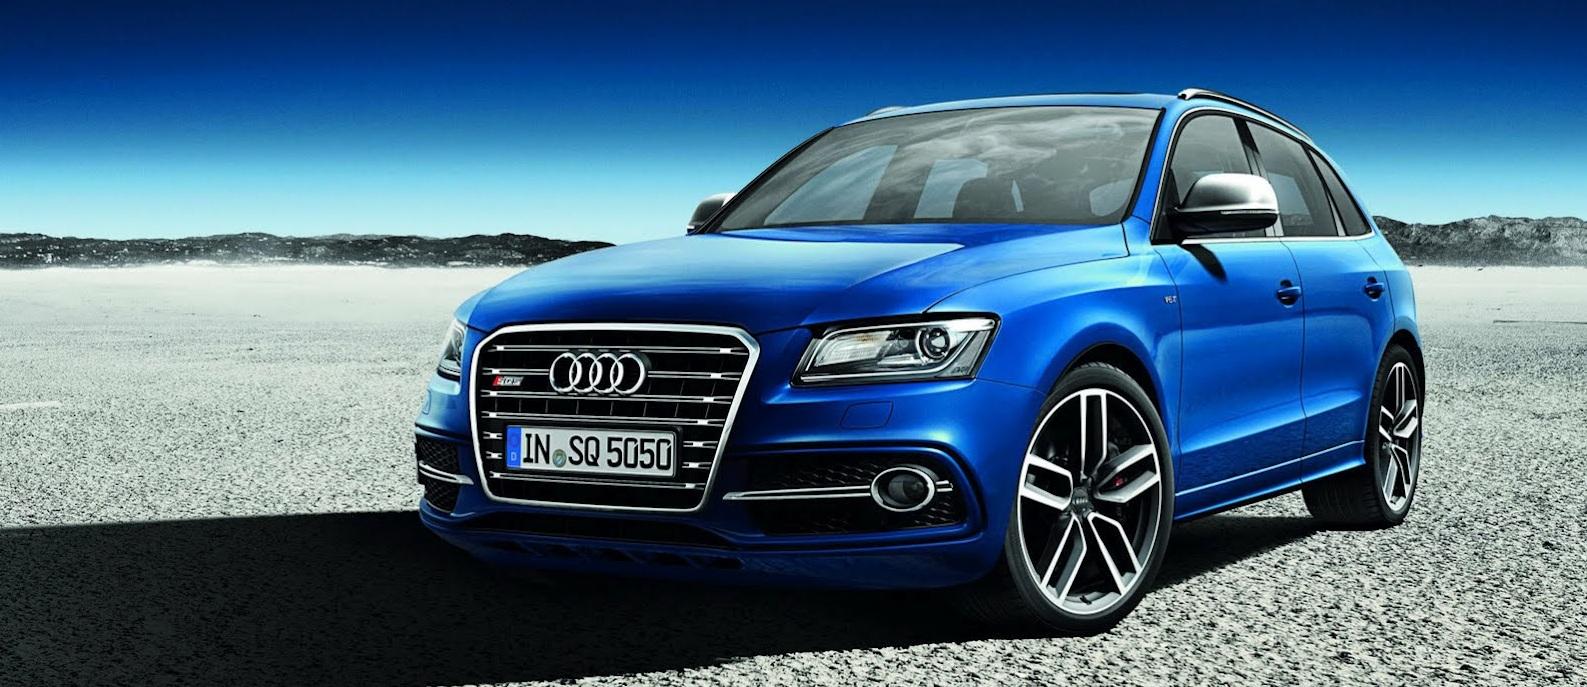 Test anvelope de vara 2013 - 235/64R17 - Audi Q5